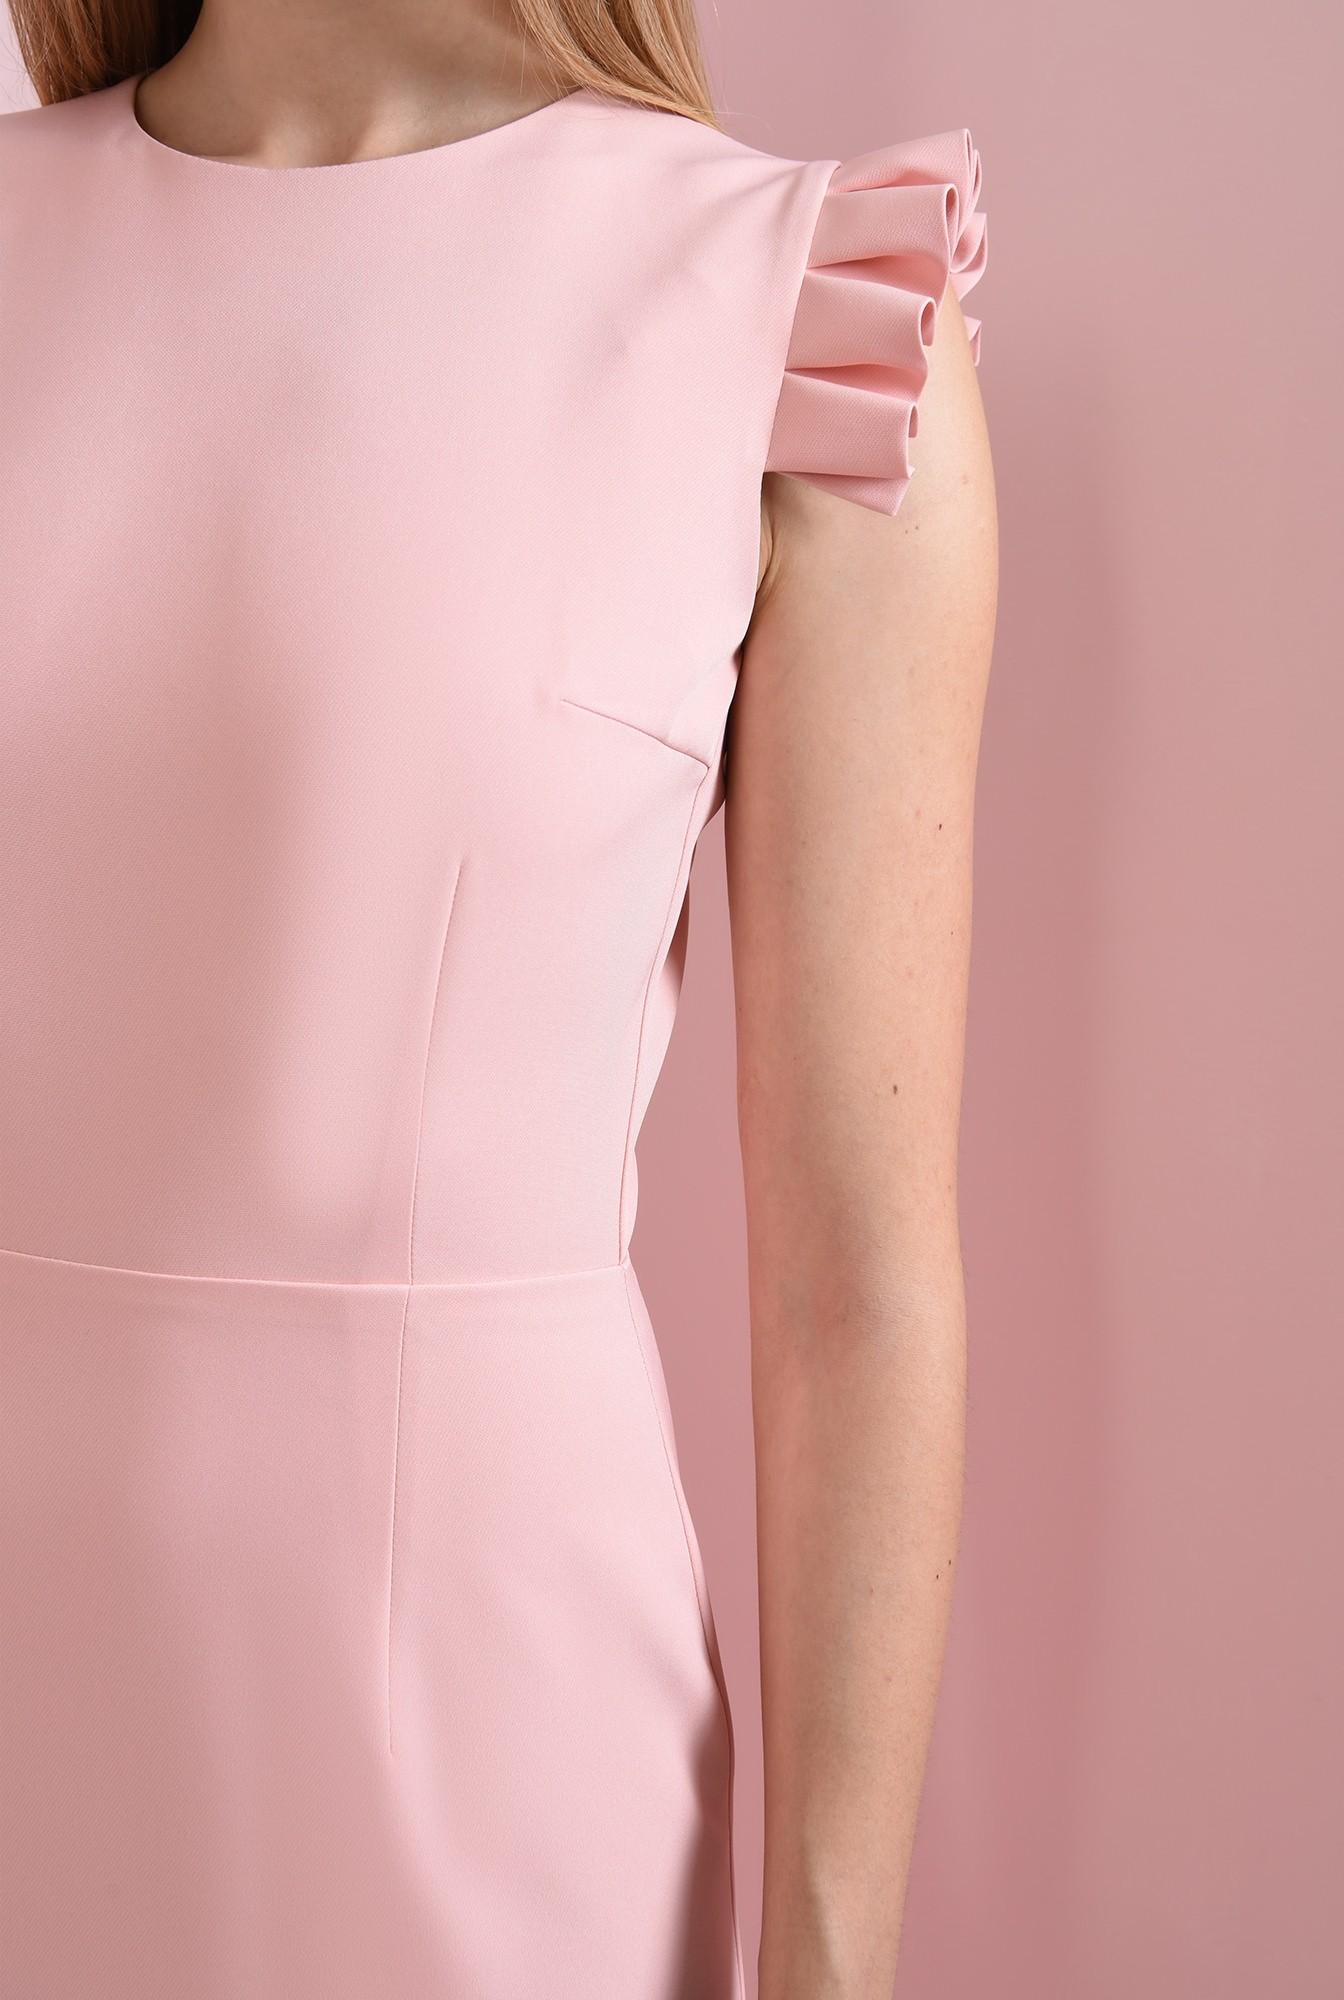 2 - rochie roz, cu volane plisate, Poema